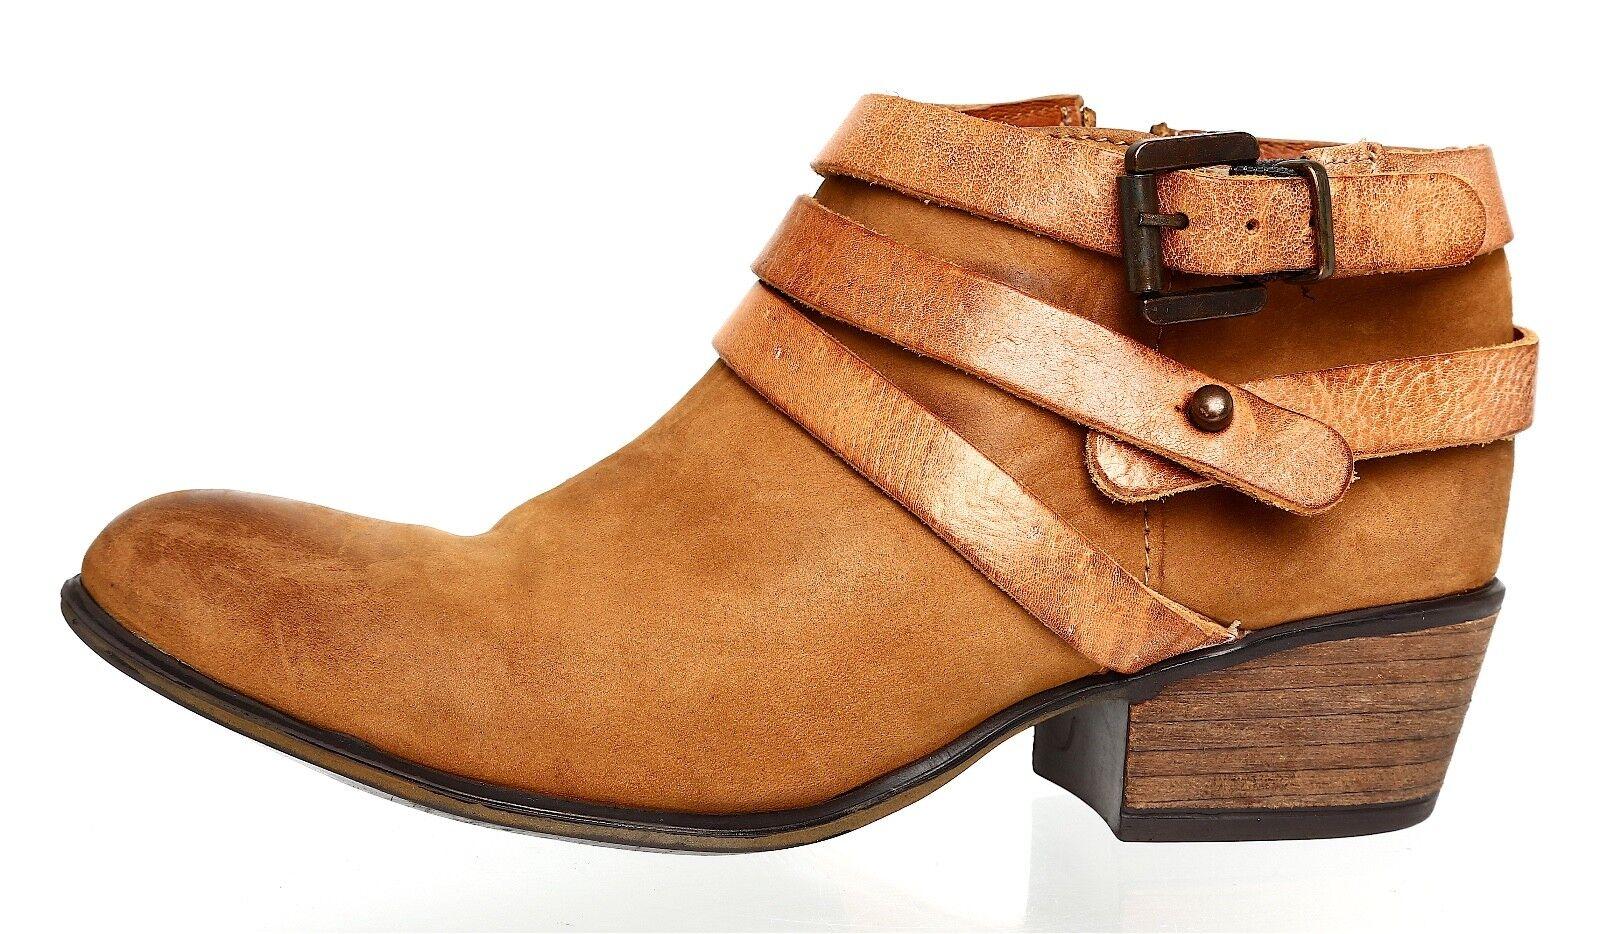 Steve Madden Regennt Leather Bootie Brown Donna Sz 6.5 M 4076 *